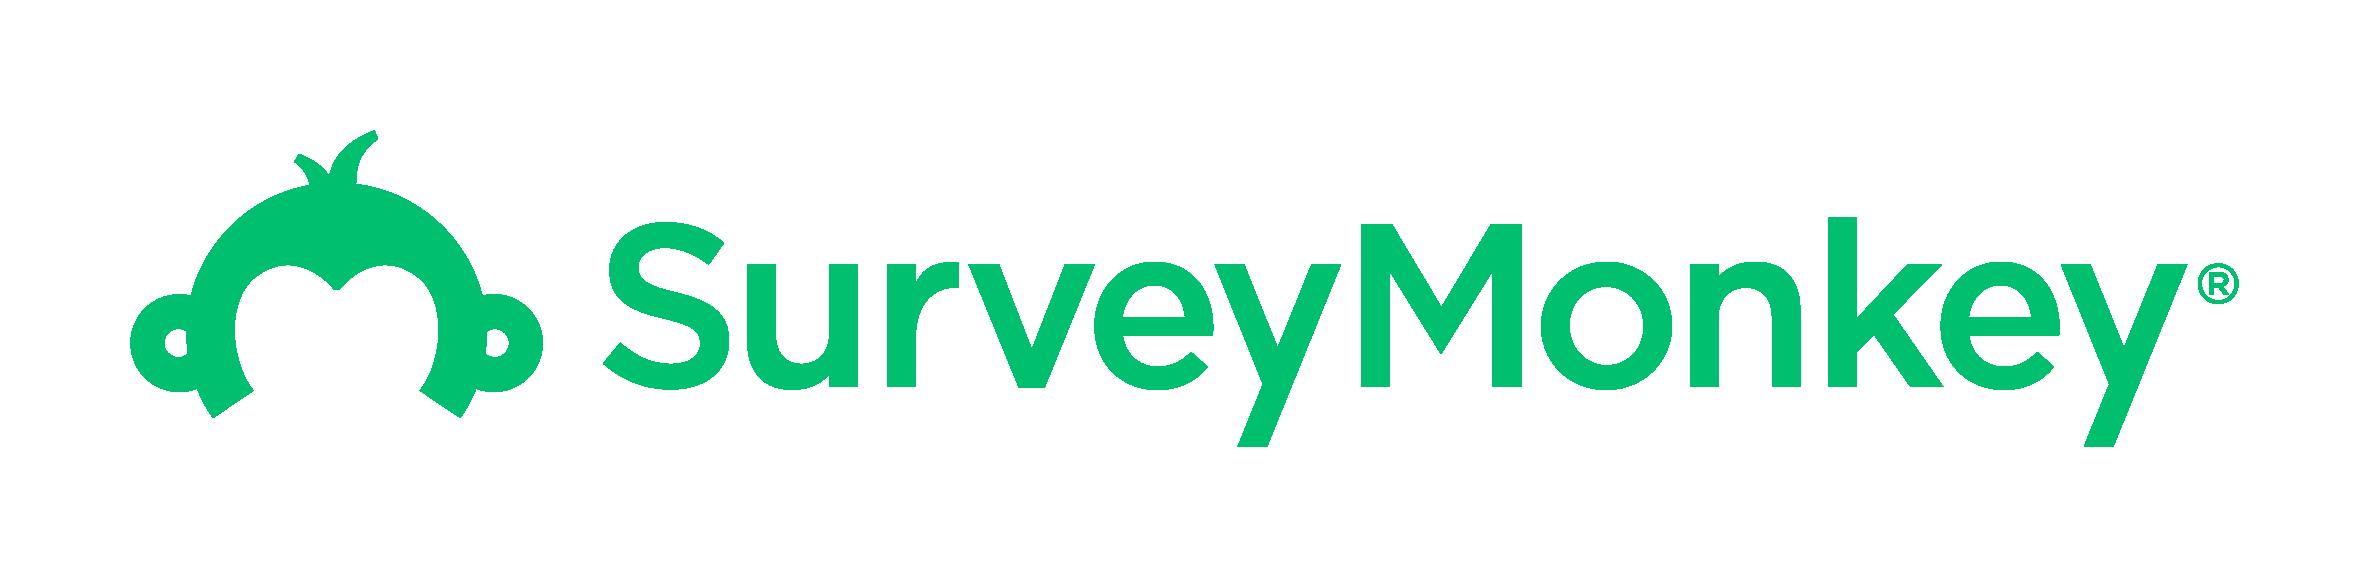 SurveyMonkeyLogo.png